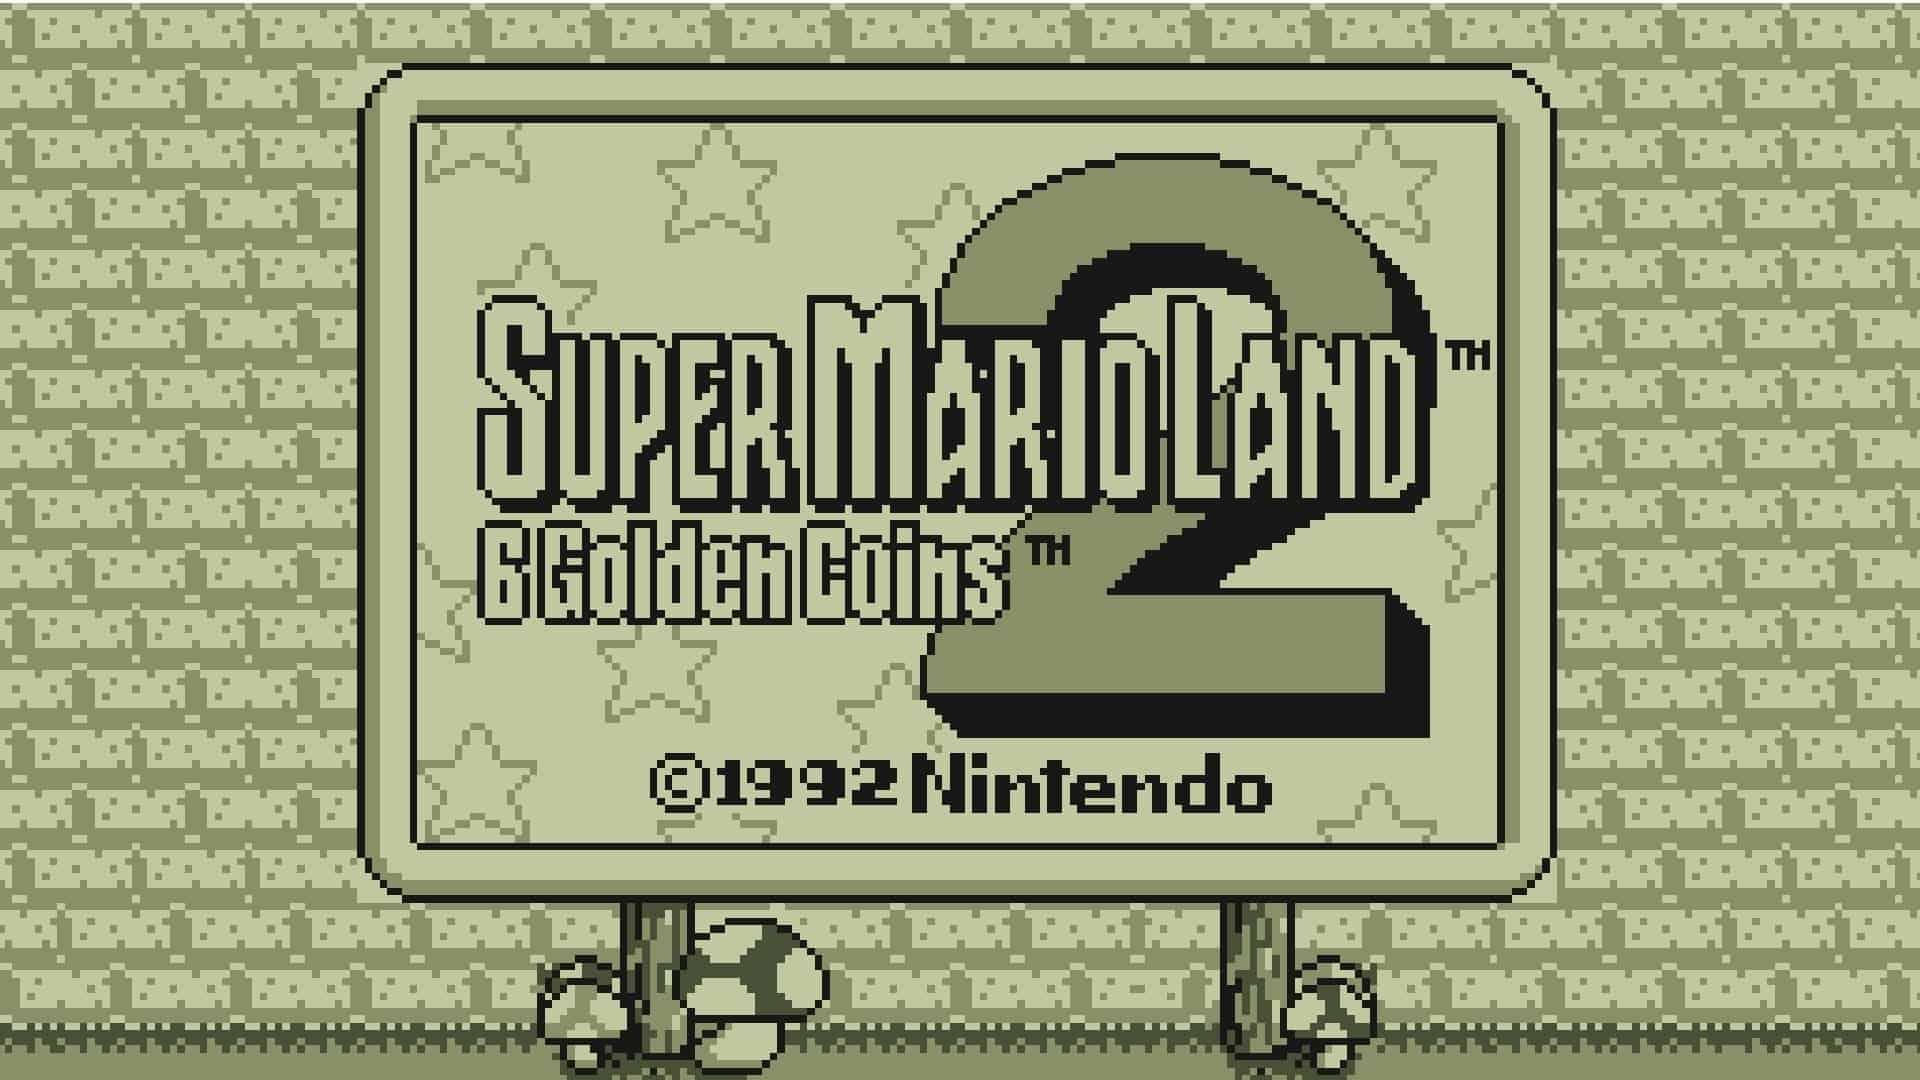 Best Super Mario Games - Super Mario Land 2